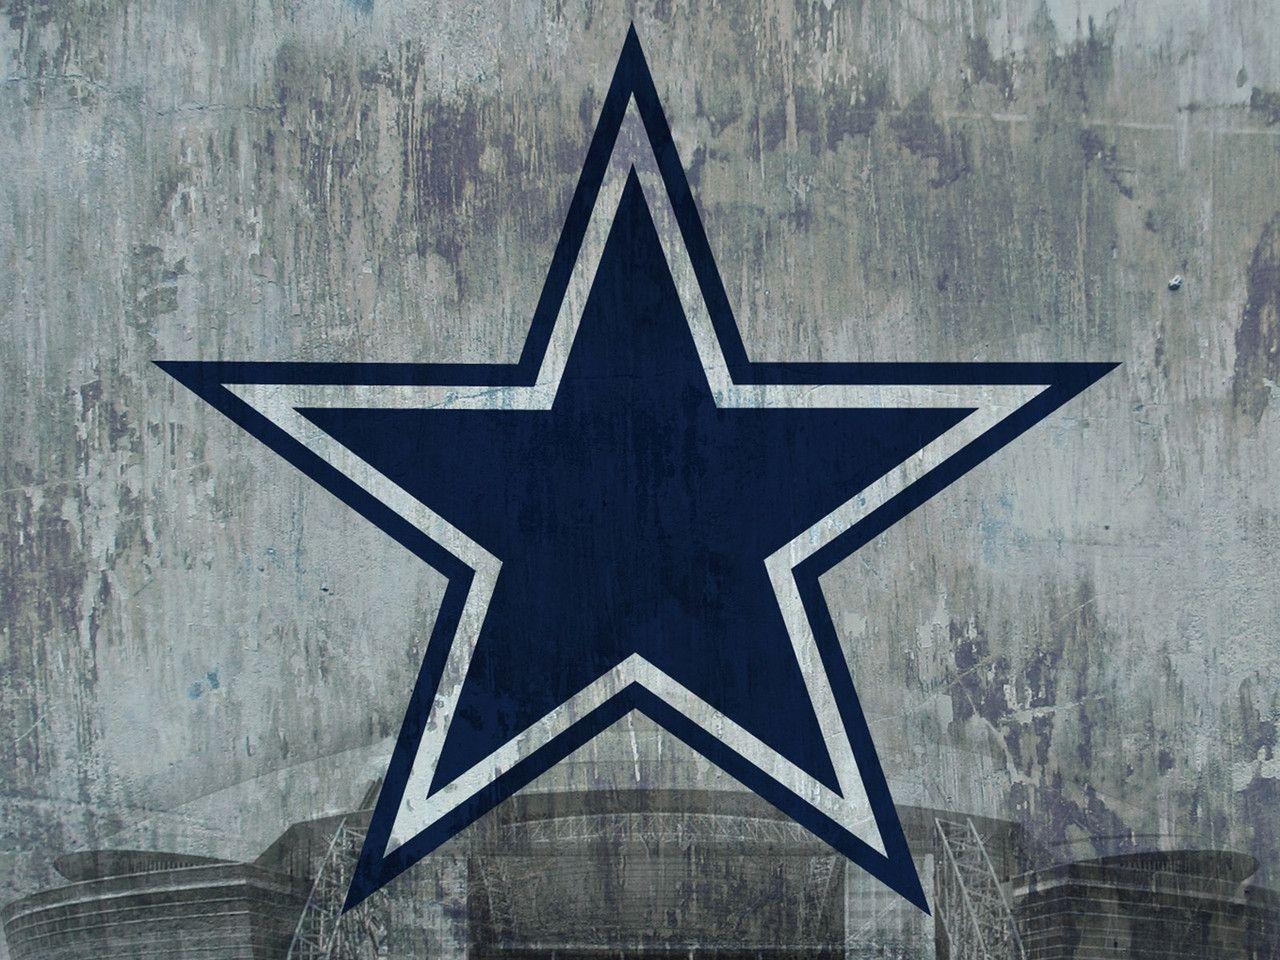 Dallas Cowboys Ipad Wallpaper - Dallas Cowboys Desktop Background - HD Wallpaper